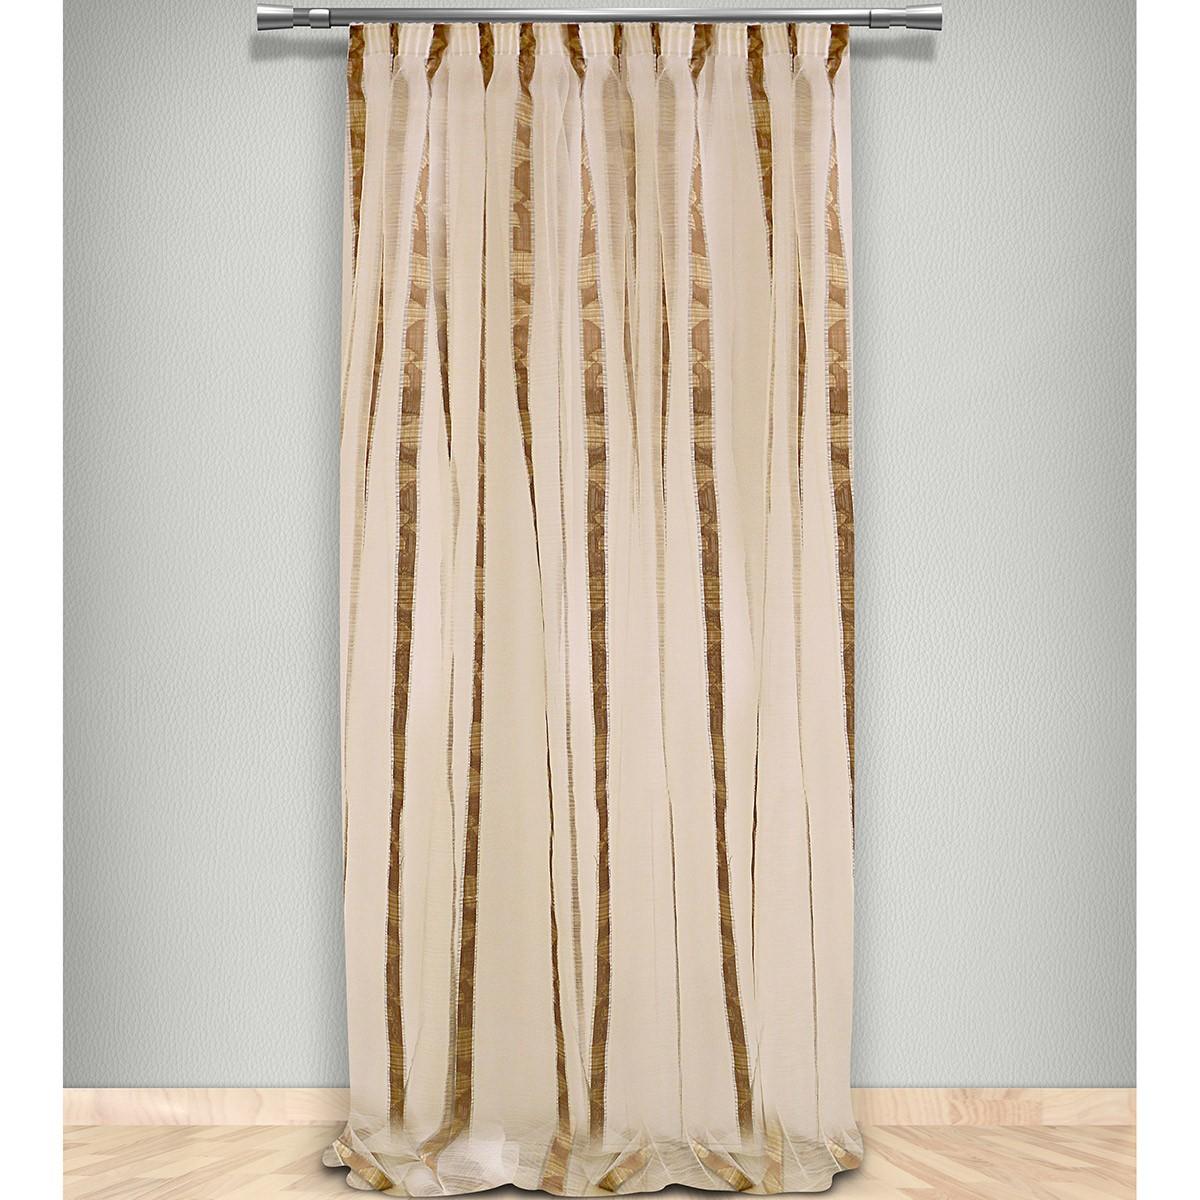 Κουρτίνα (145×300) Με Τρέσα Maison Blanche 70264183003